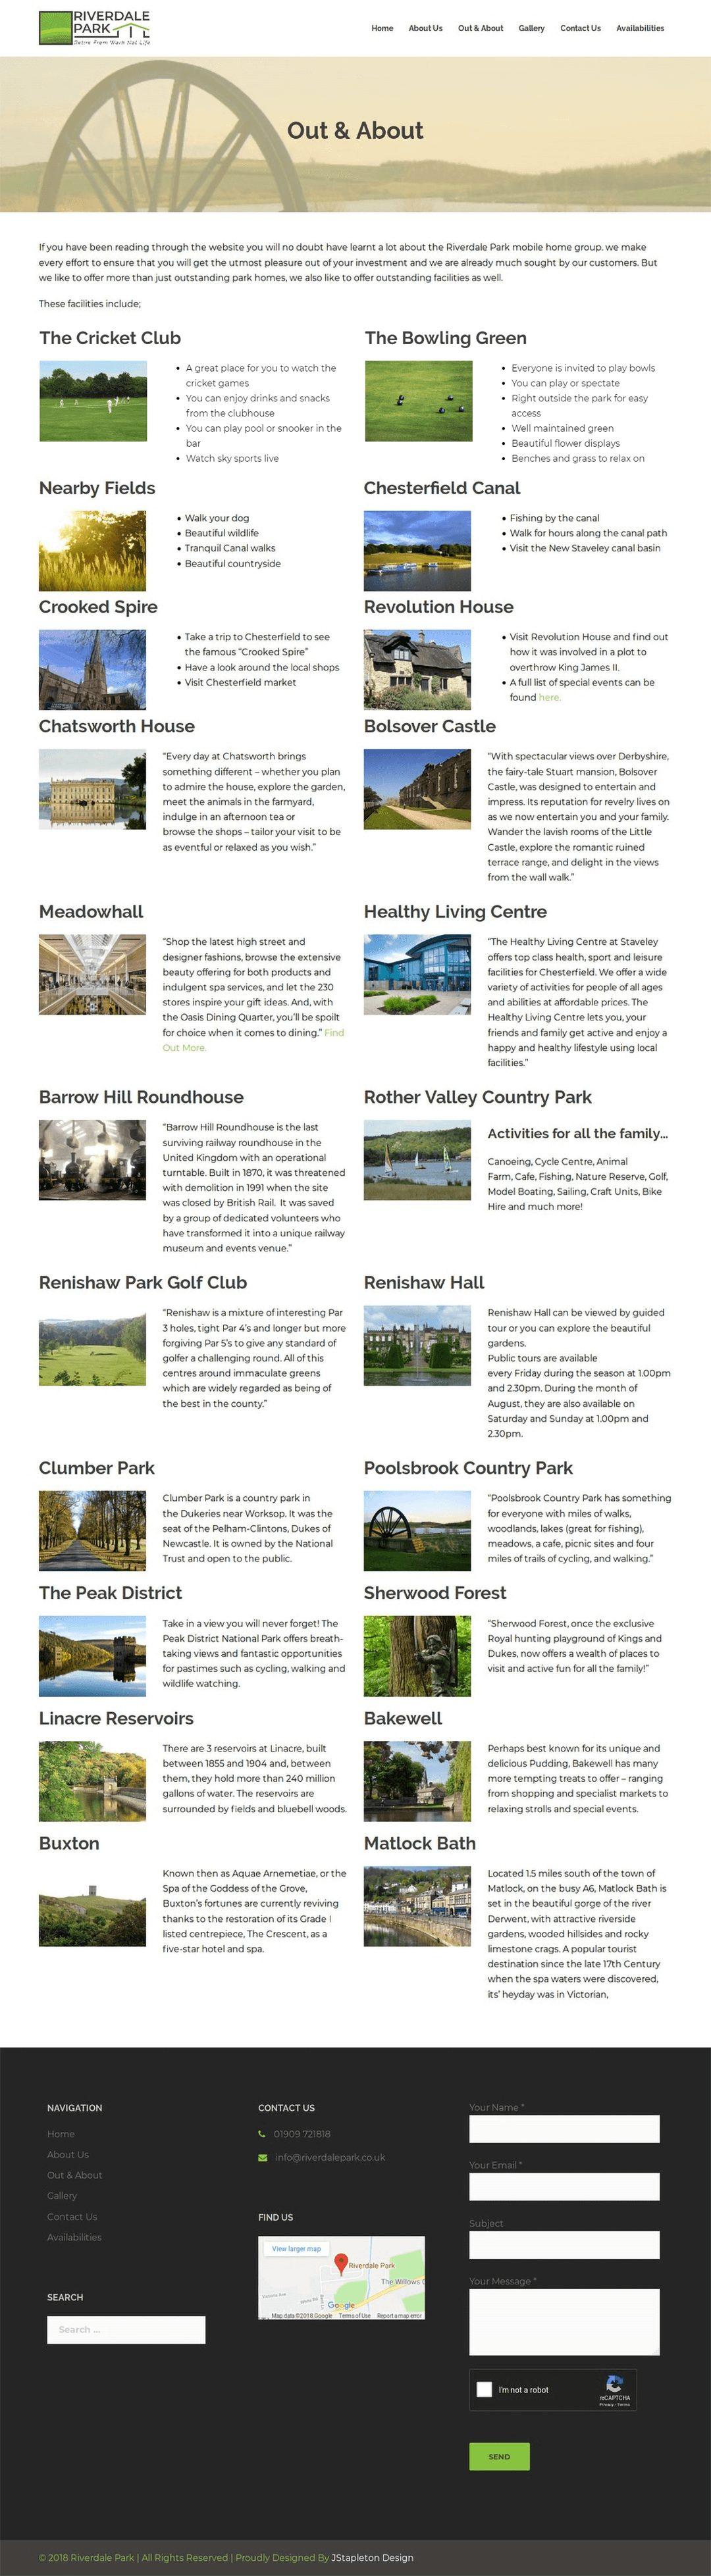 Riverdale Park Out & About